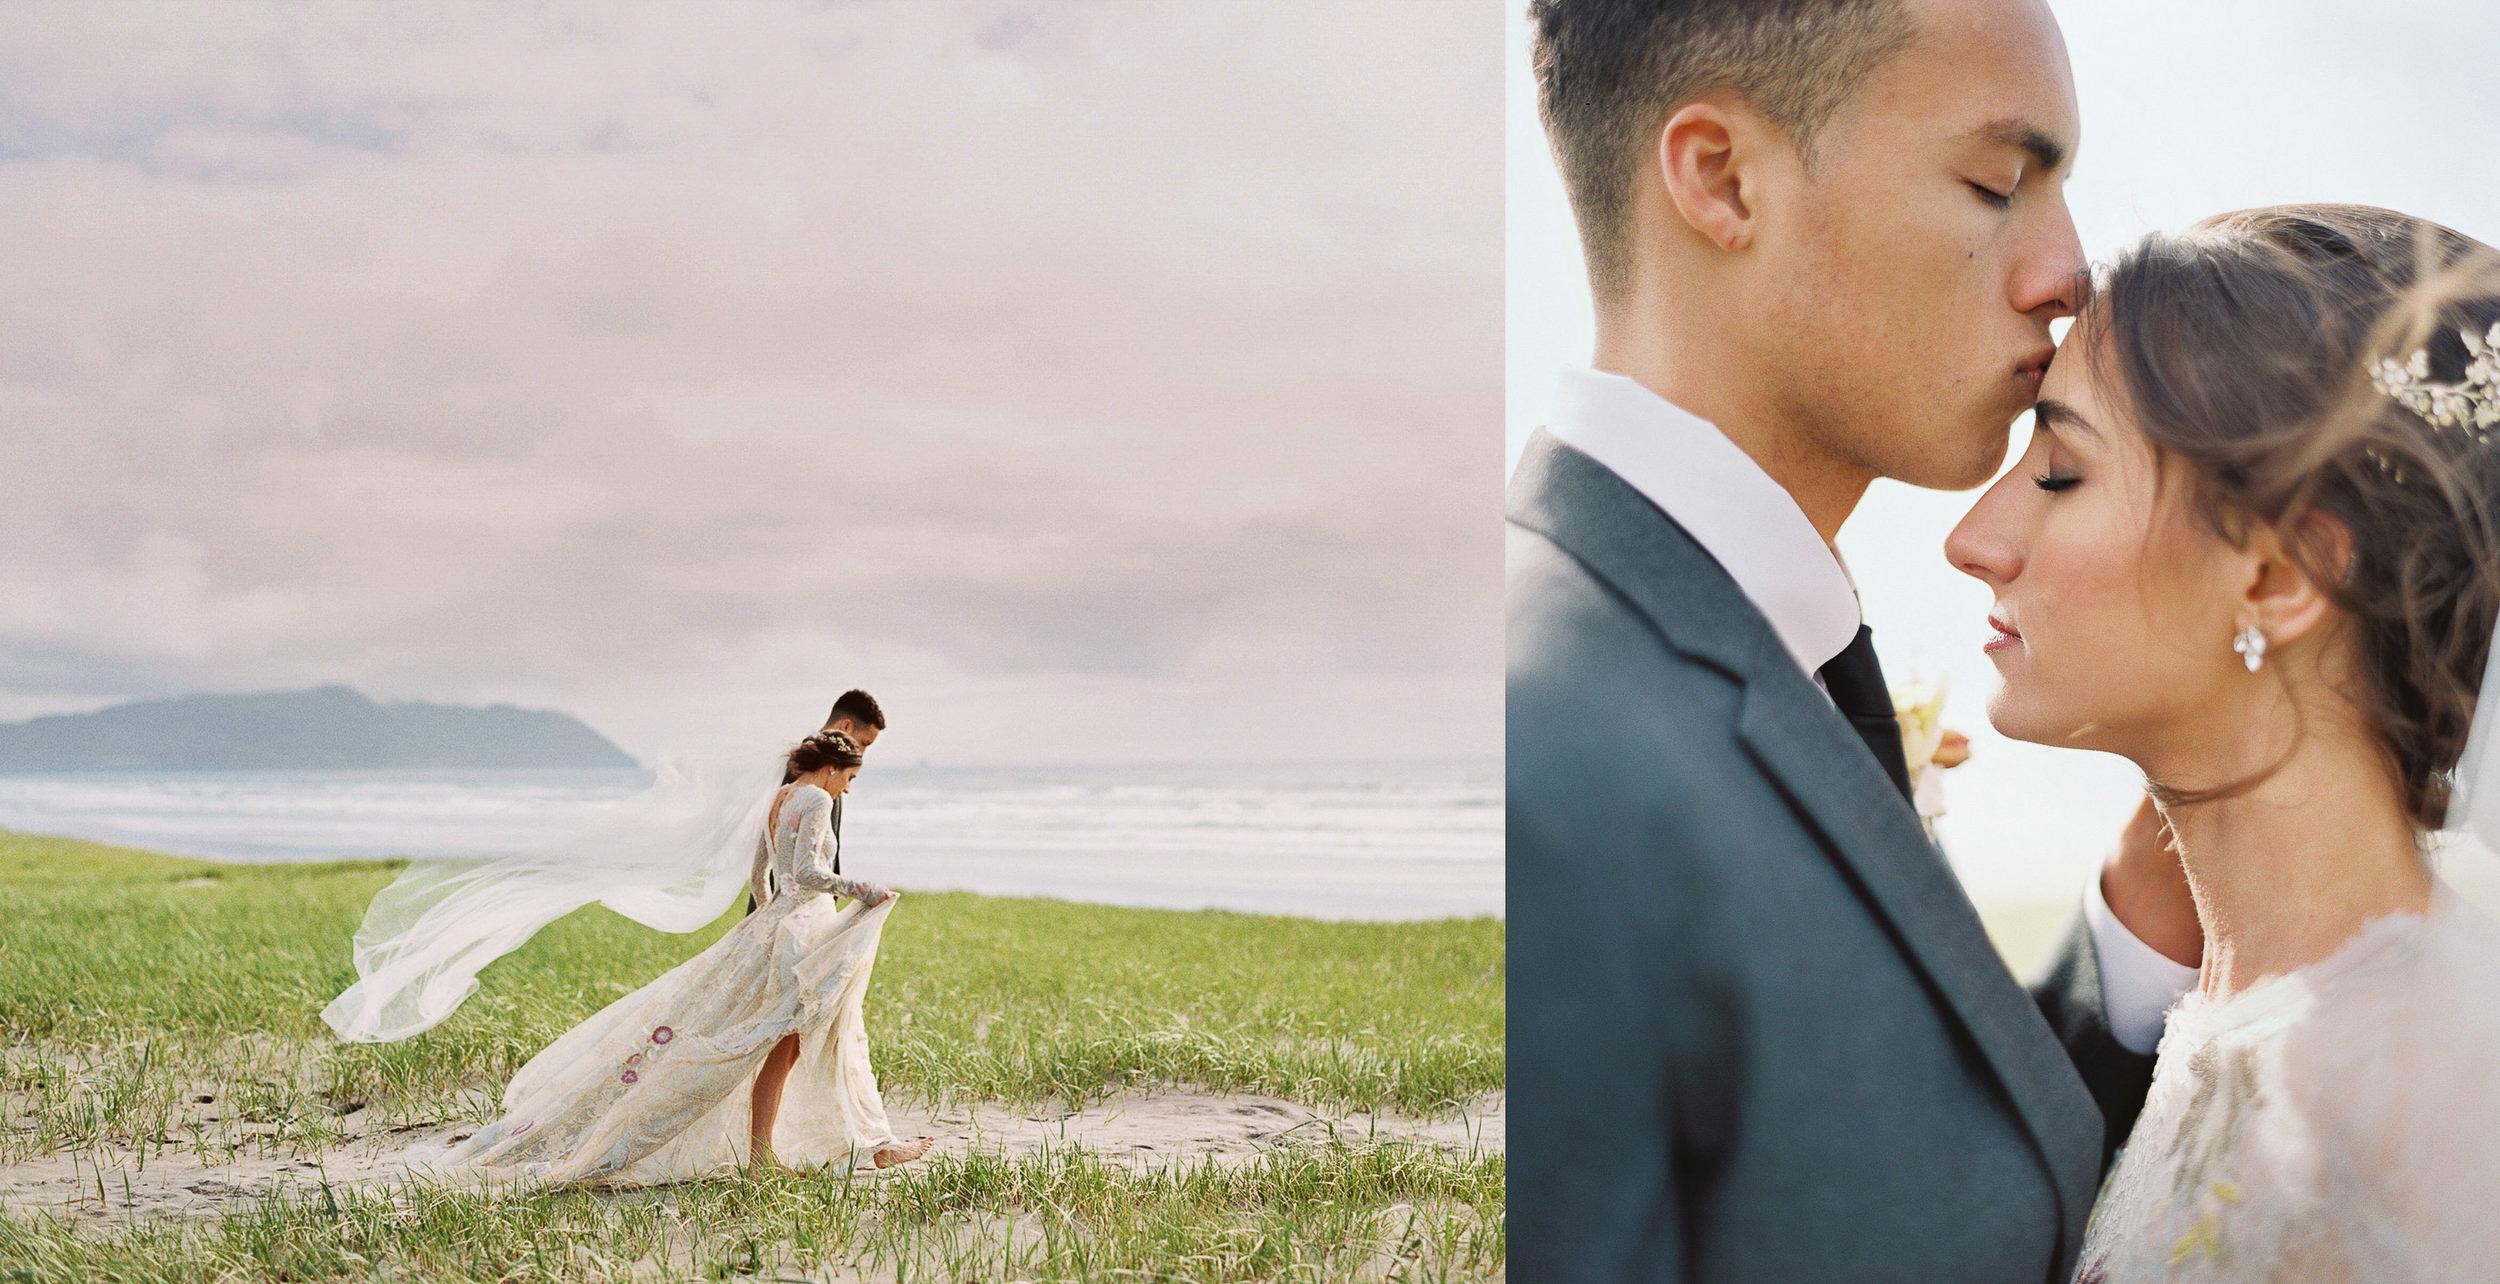 09_destination+worldwide+elopement+wedding+film+photographer+cinematographer_.jpg